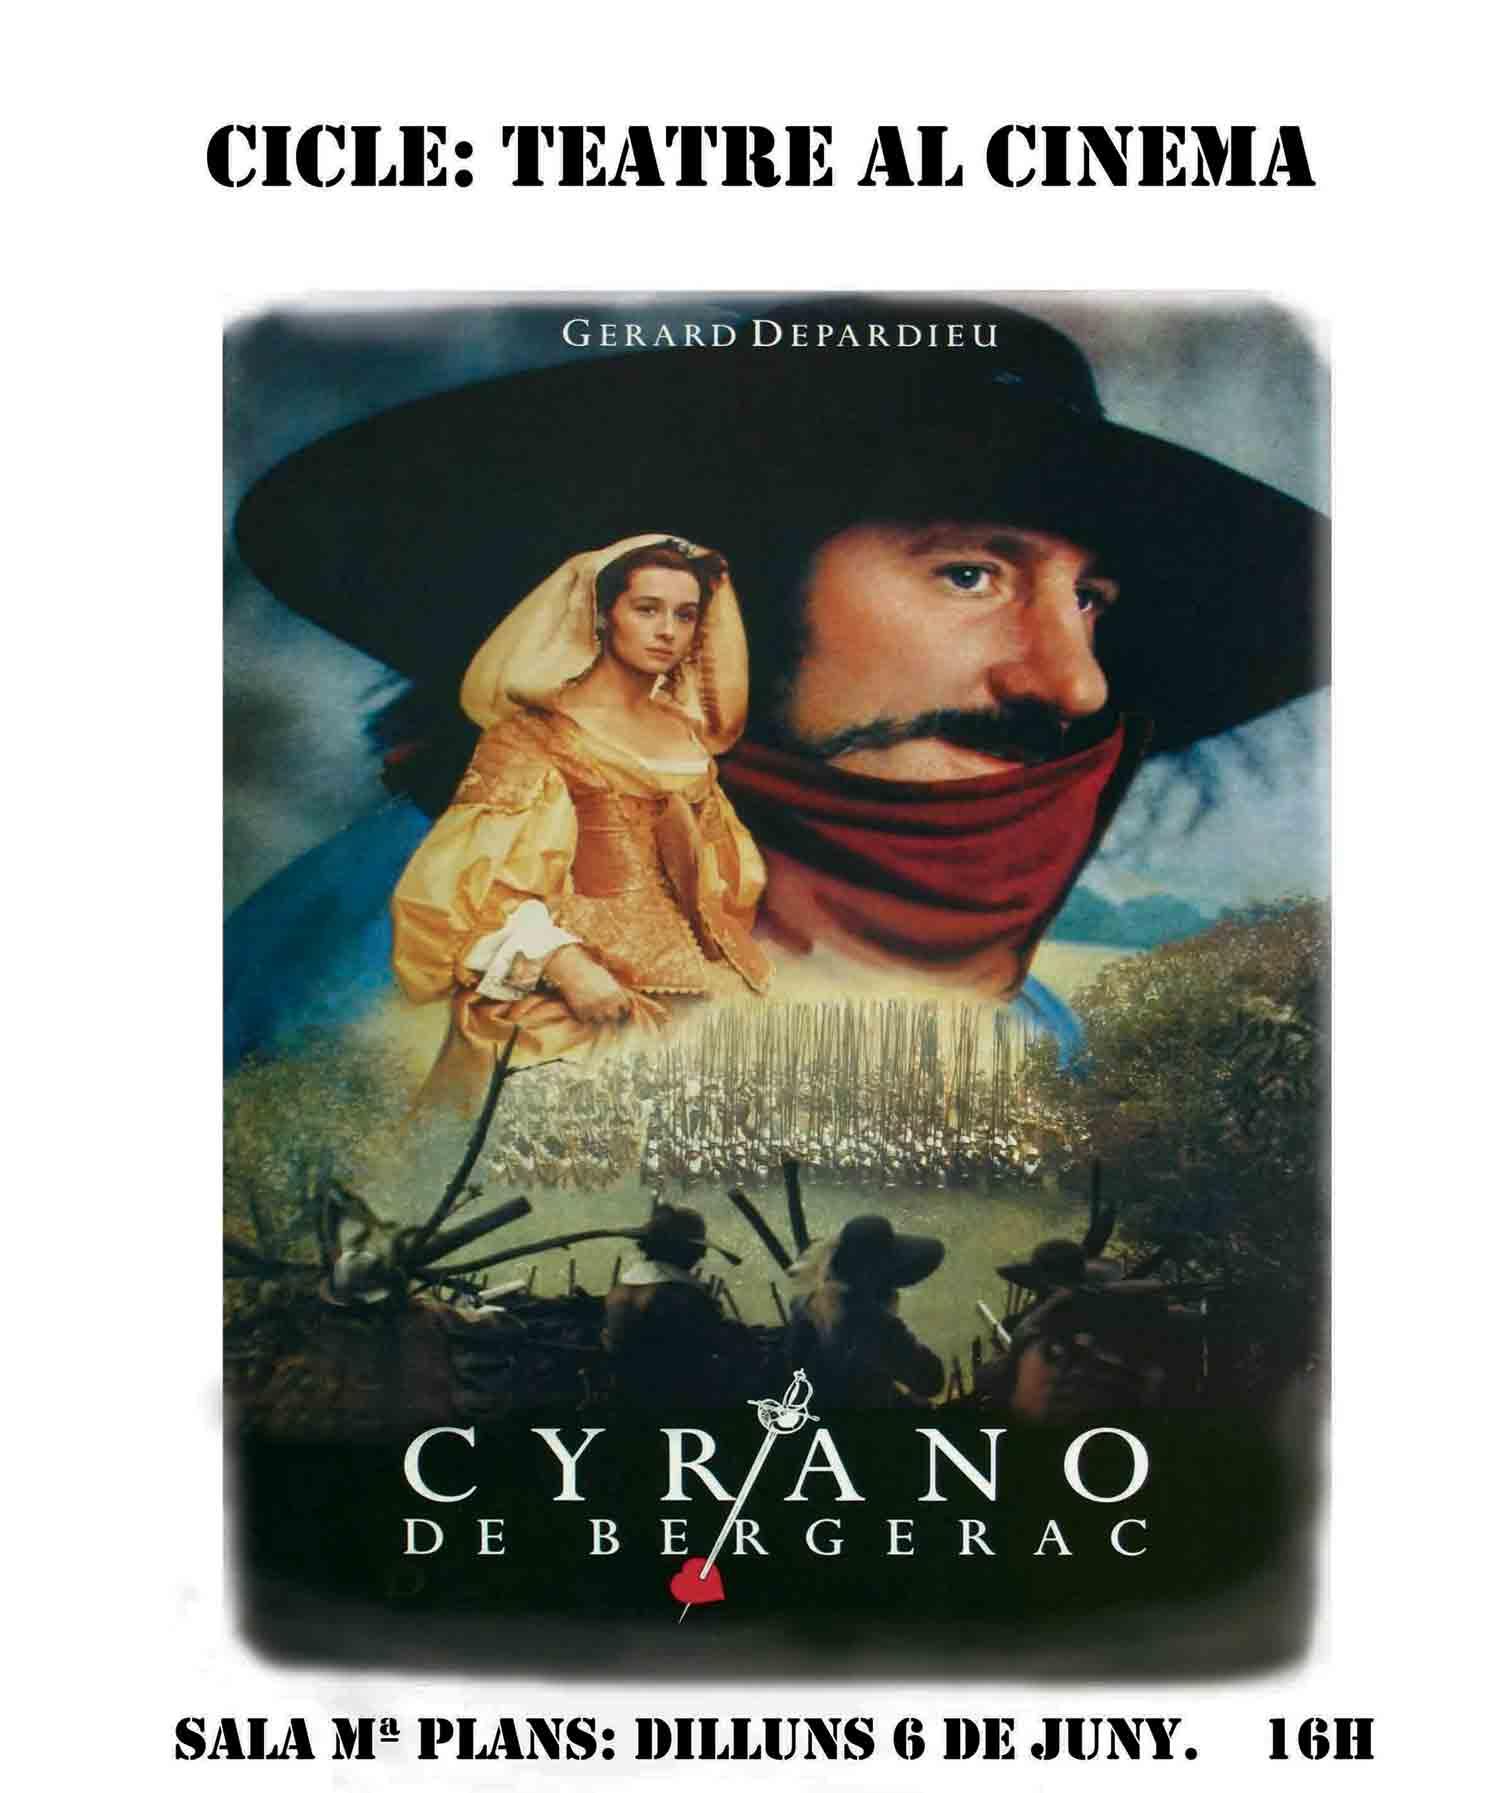 Cicle Teatre al Cinema a la Sala Maria Plans del Centre del Vallès, 6 de juny 2016